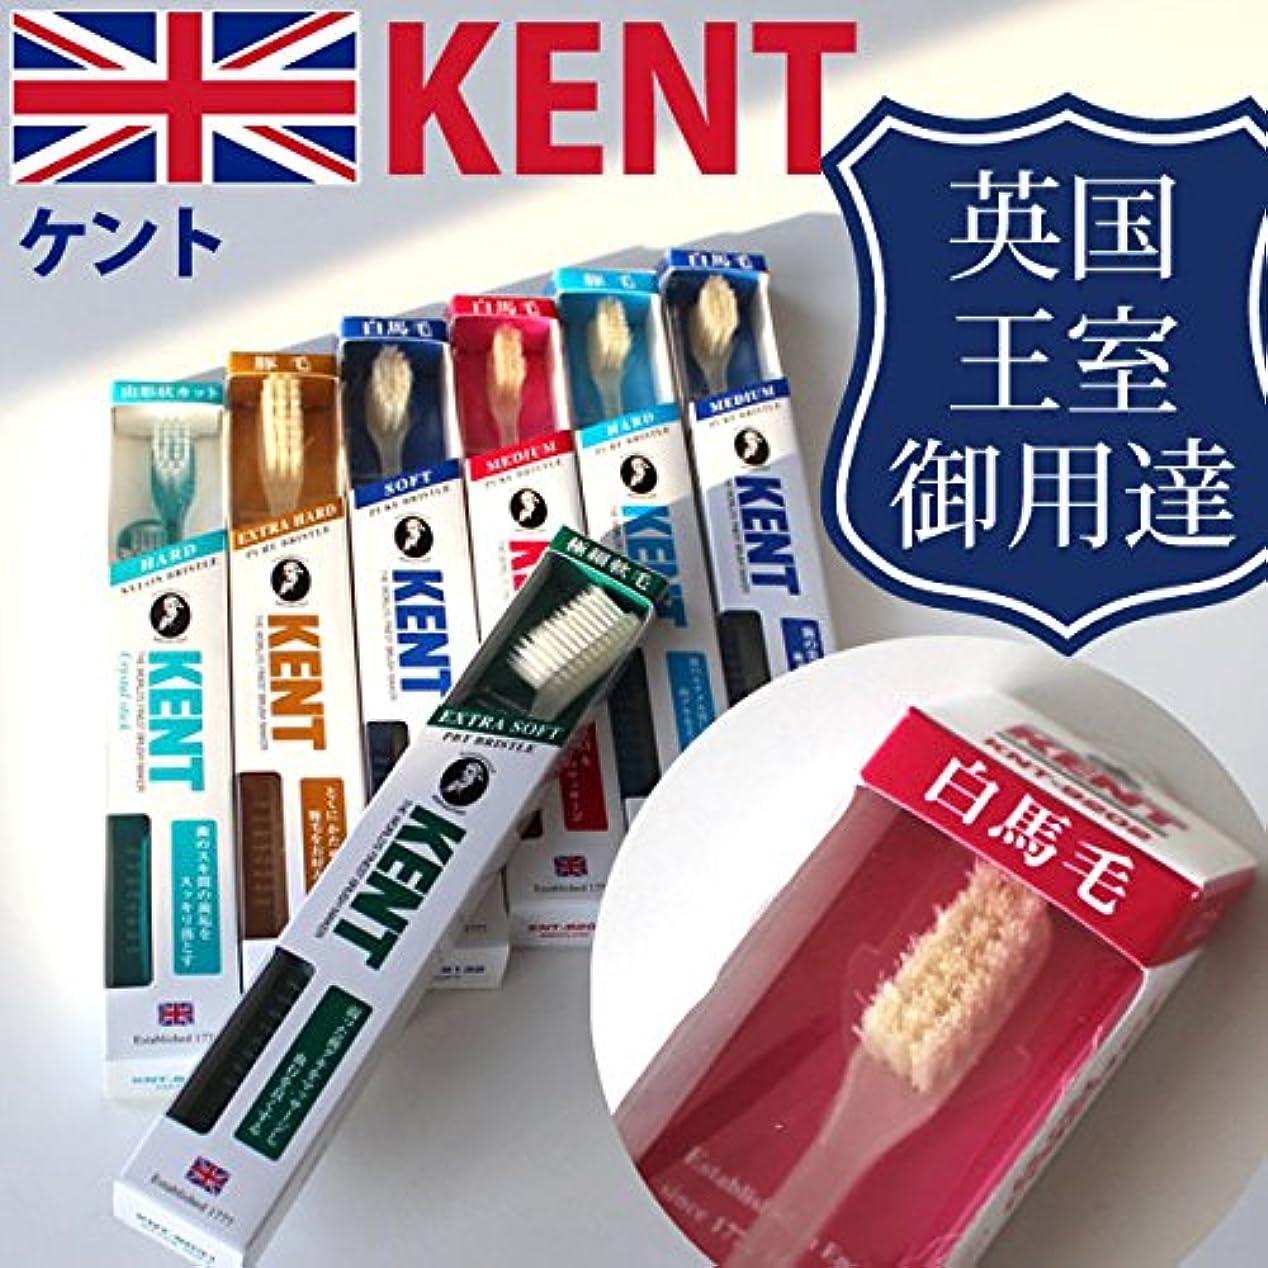 またはその間レバーケント KENT 白馬毛 超コンパクト歯ブラシ KNT-9102/9202 6本入り 他のコンパクトヘッドに比べて歯 やわらかめ